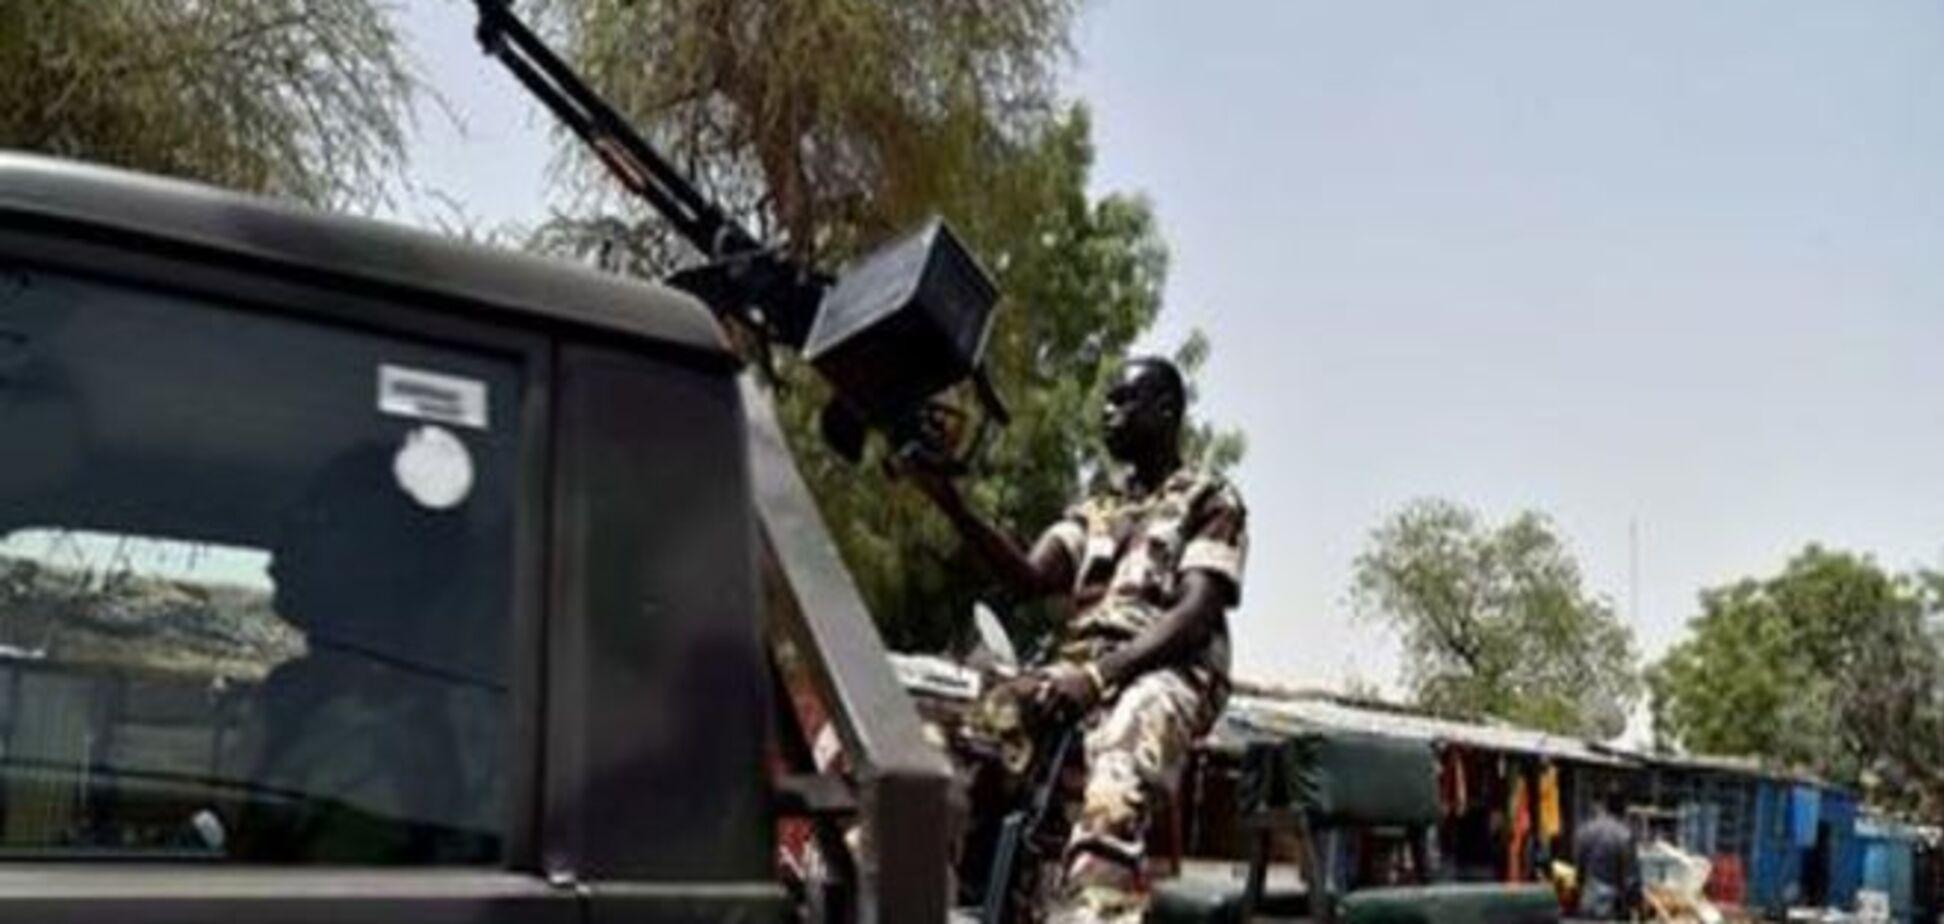 Щонайменше 16 жертв внаслідок нападу ісламістів з 'Боко Харам' в Нігері